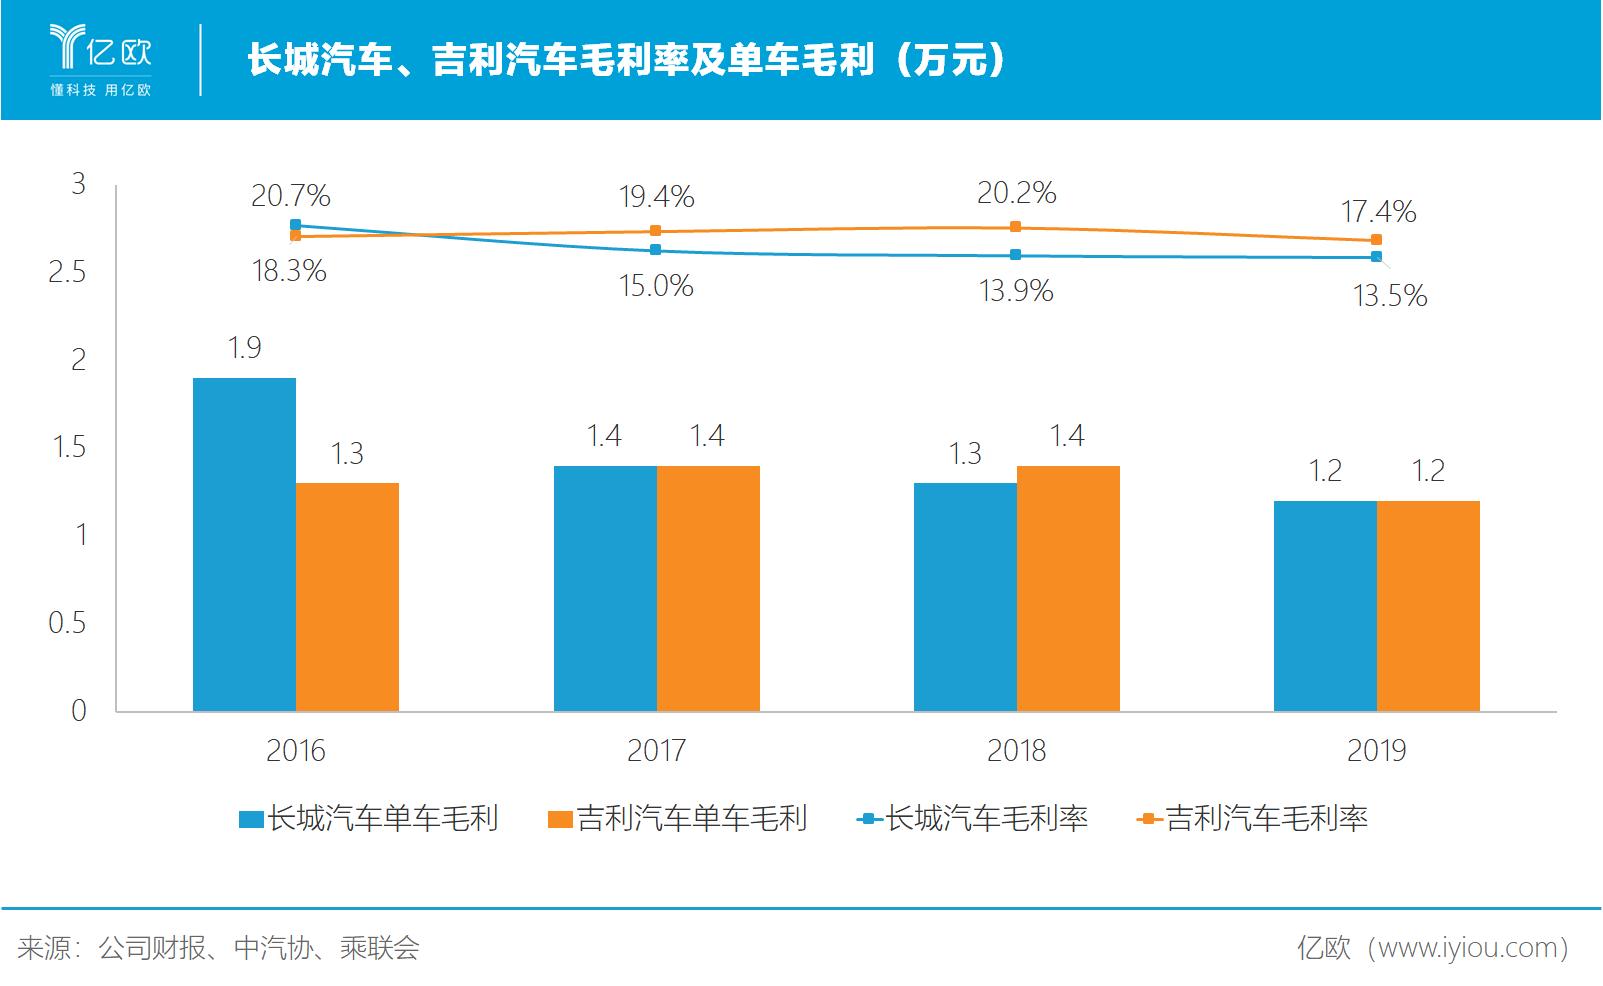 长城汽车、吉利汽车毛利率及单车毛利(万元)